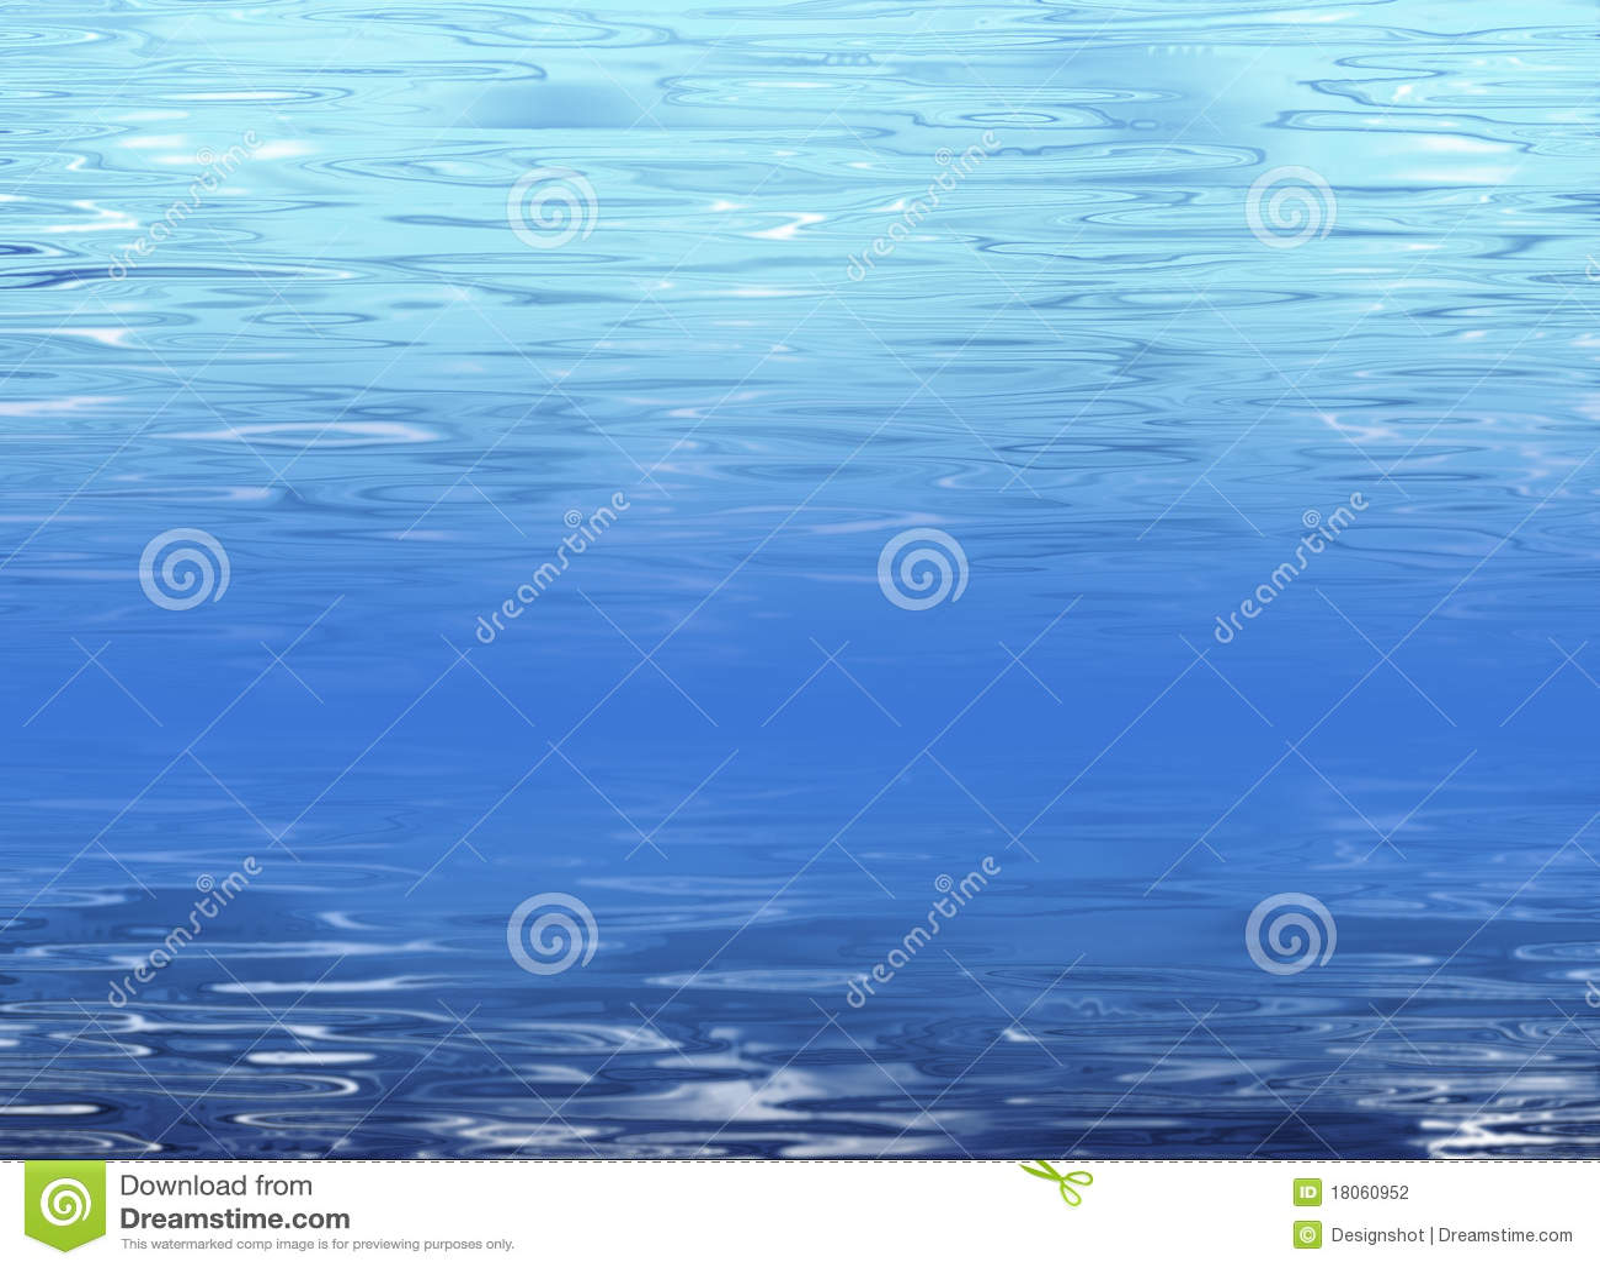 Fondo abstracto del agua azul